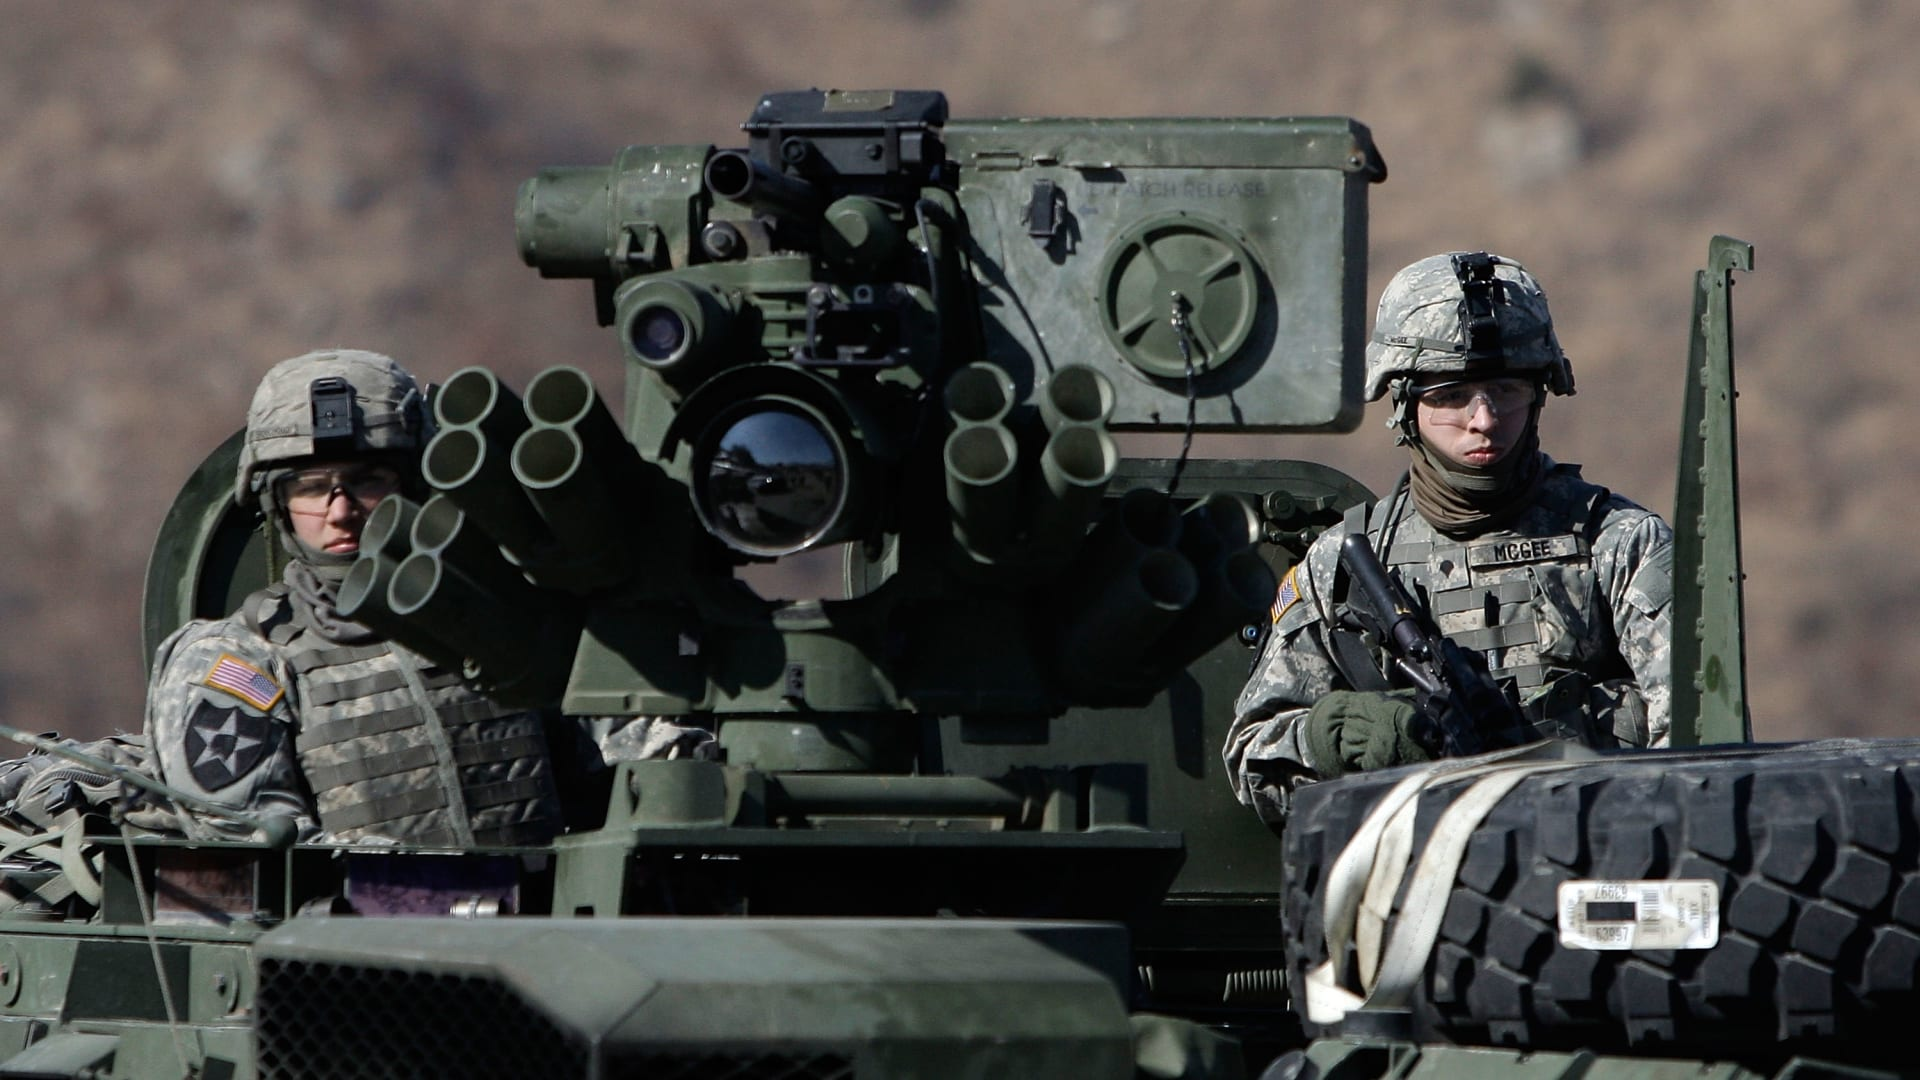 """كوريا الشمالية """"تستفز"""" أمريكا بصاروخ من غواصة يصعب اعتراضه"""